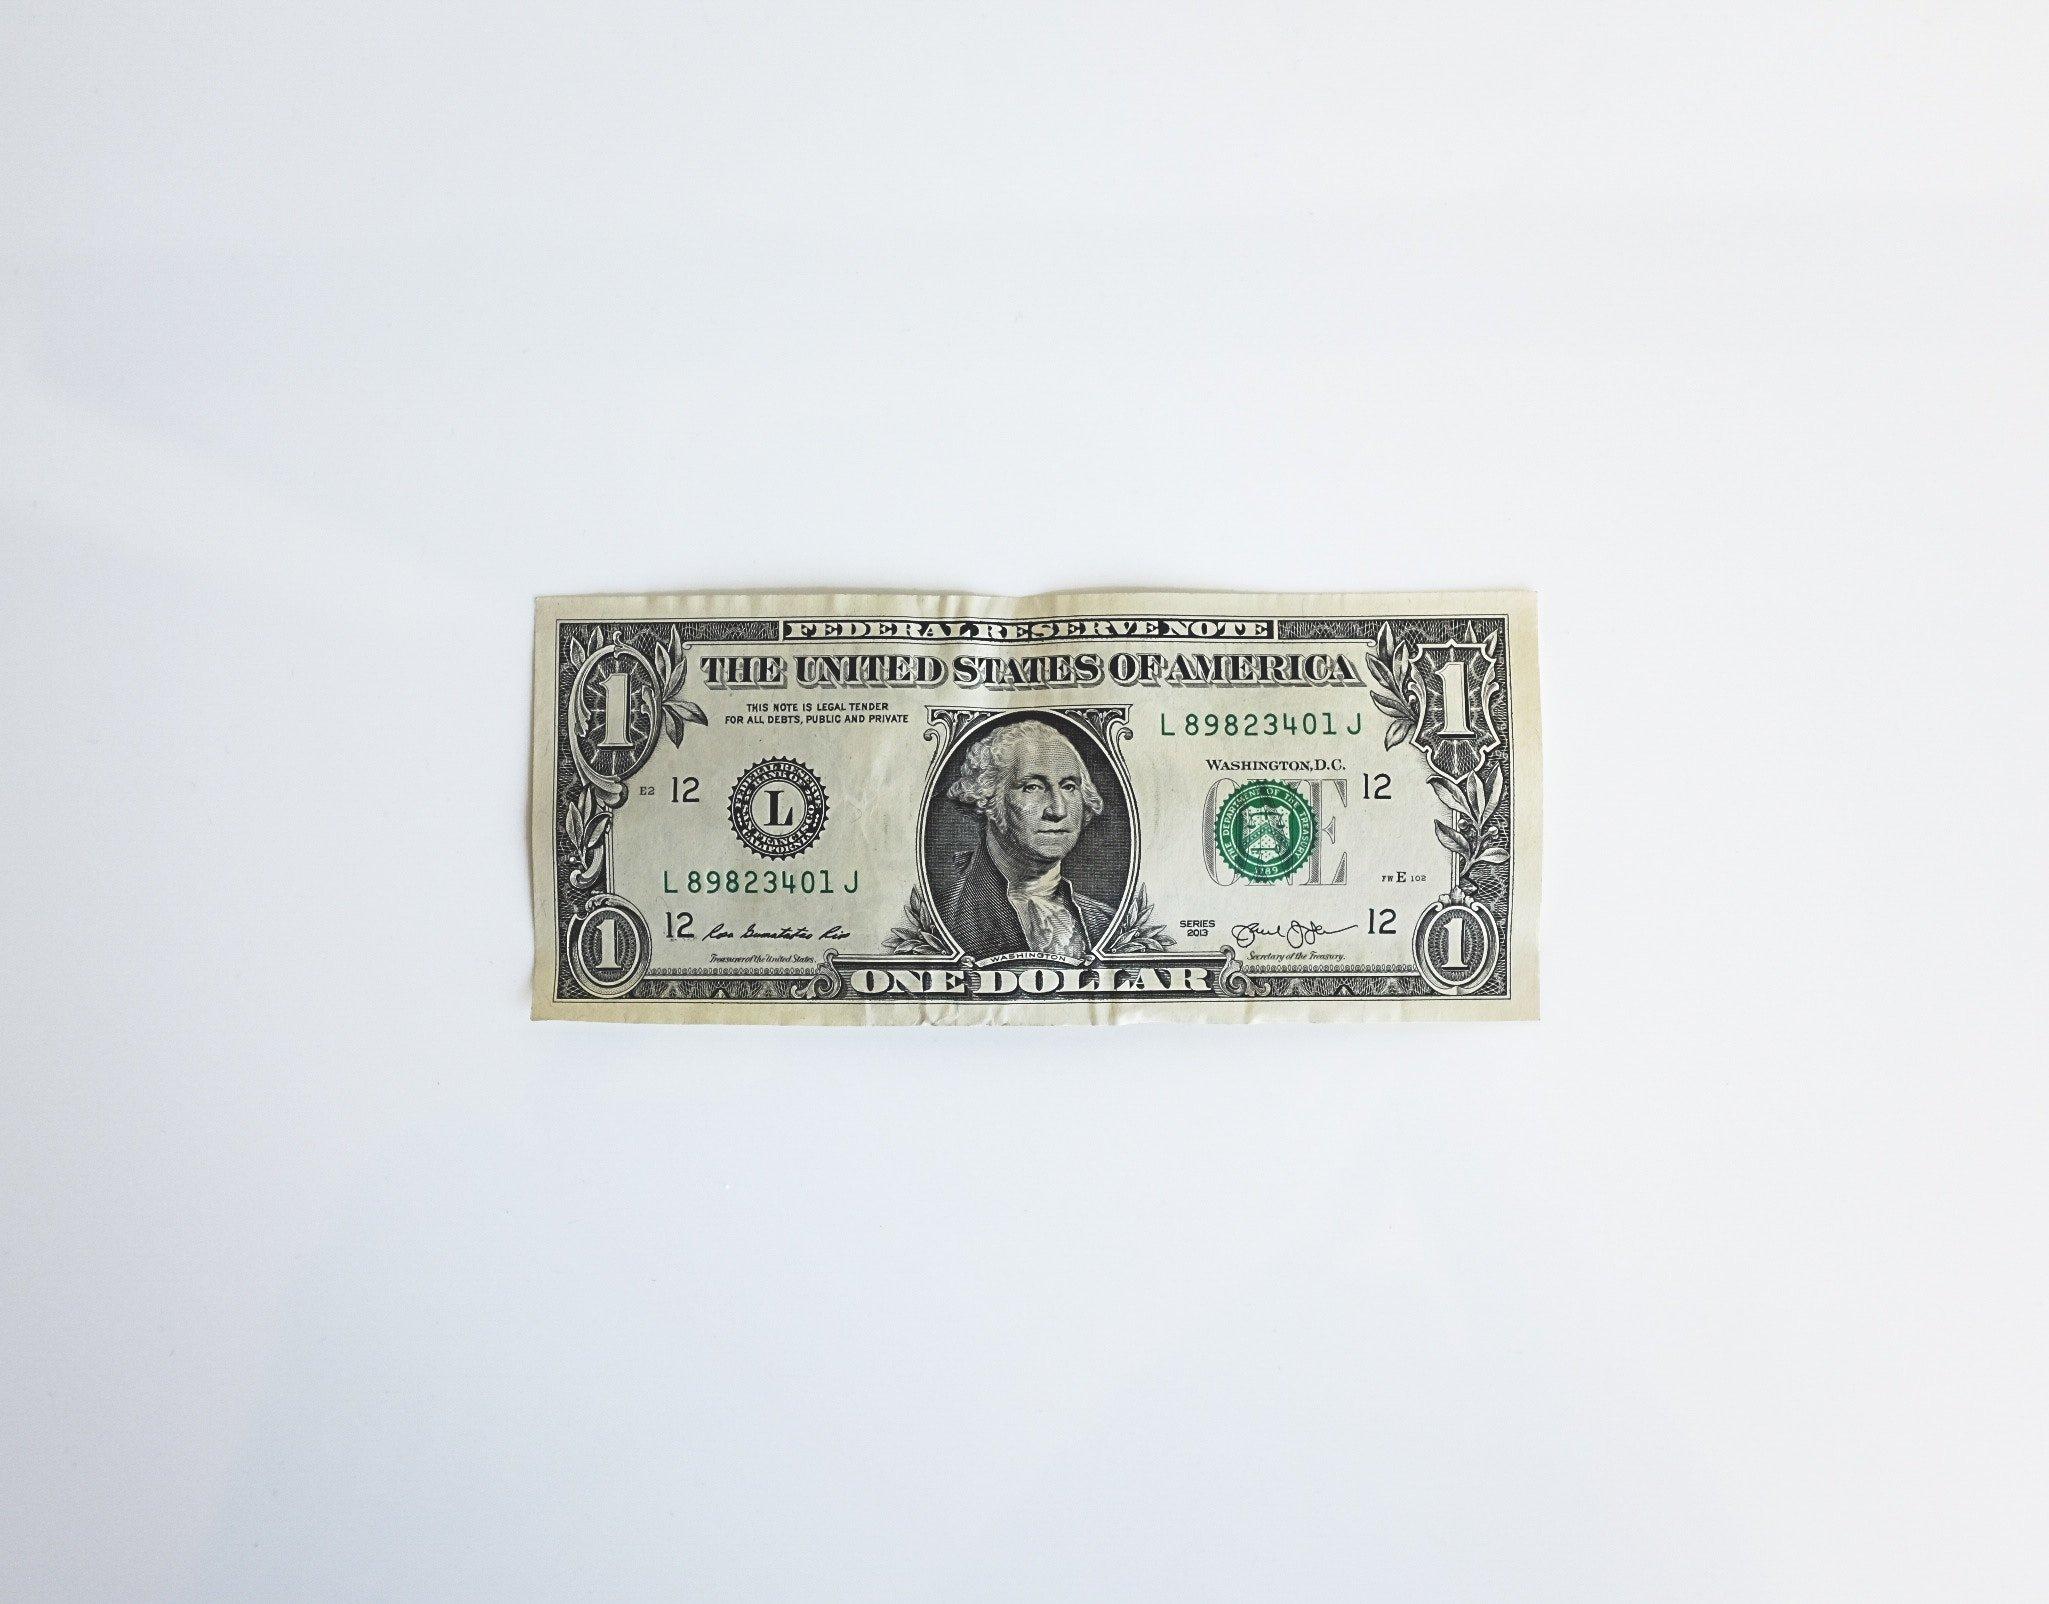 155efd065d Οι 2 Καλύτερες Επενδύσεις που θα Κάνεις στη Ζωή σου!